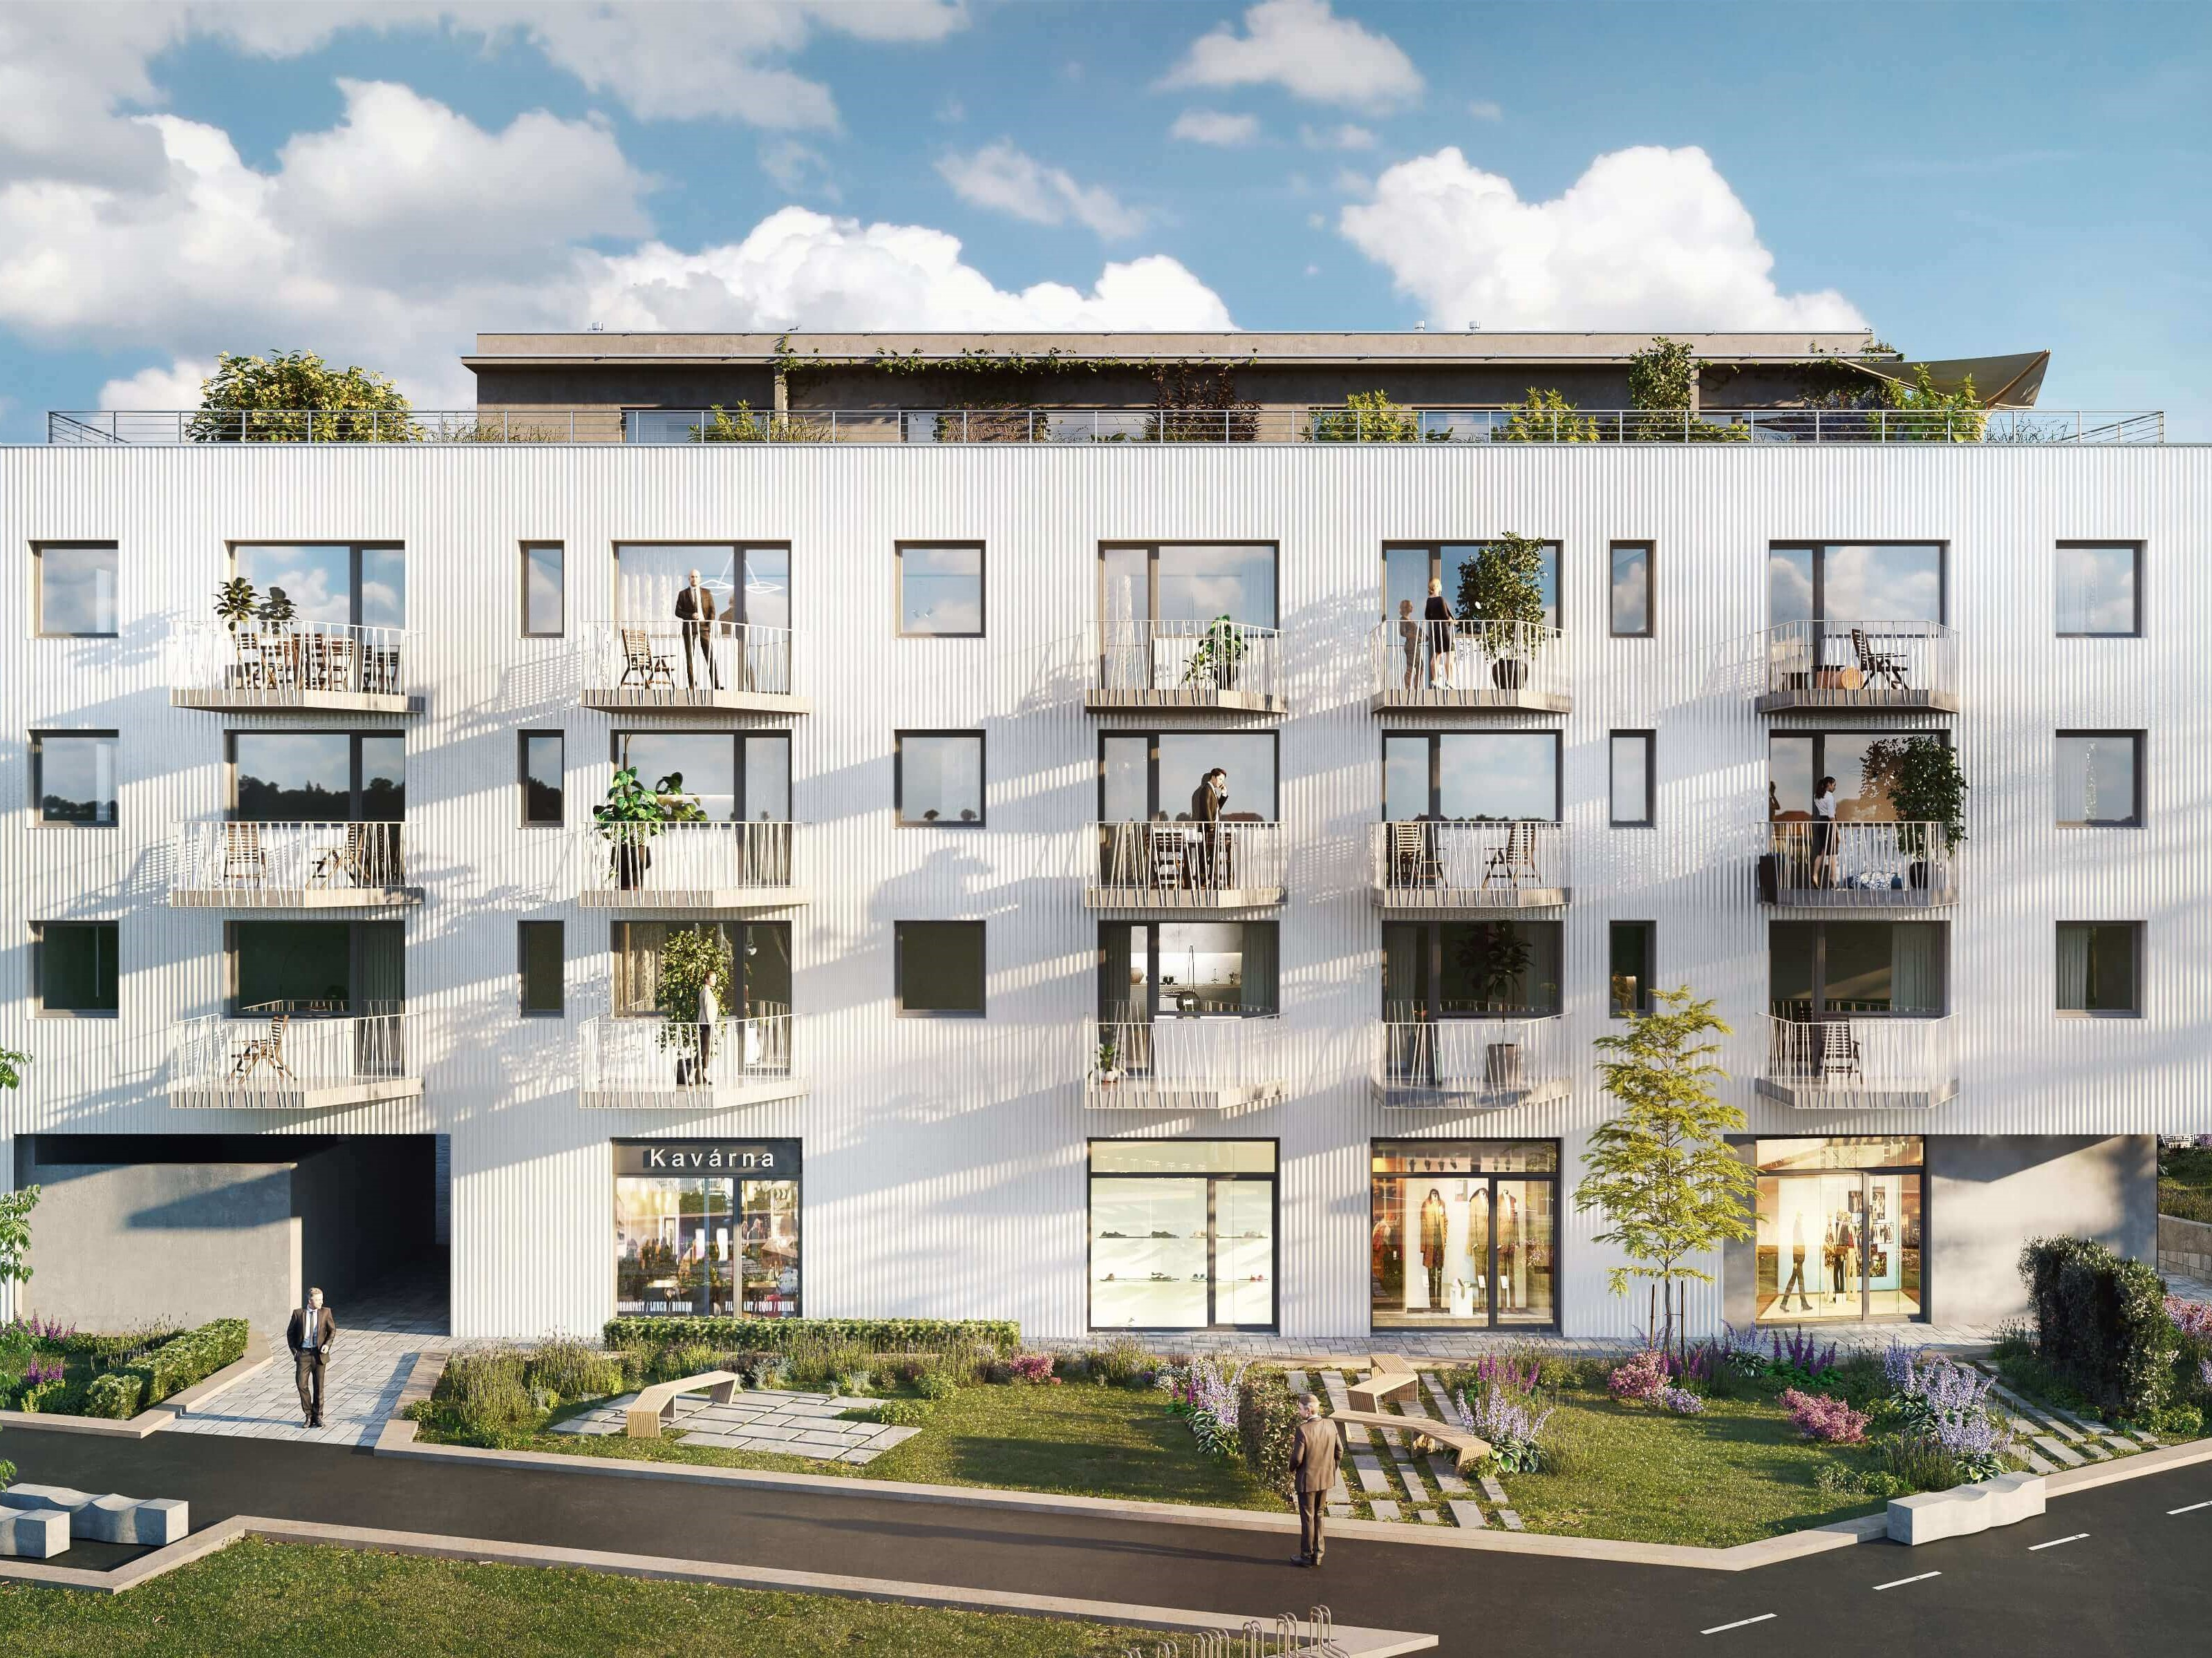 Nové byty v Hloubětíně. Developerský projekt Rezidence Hloubětín u metra. Developer GARTAL